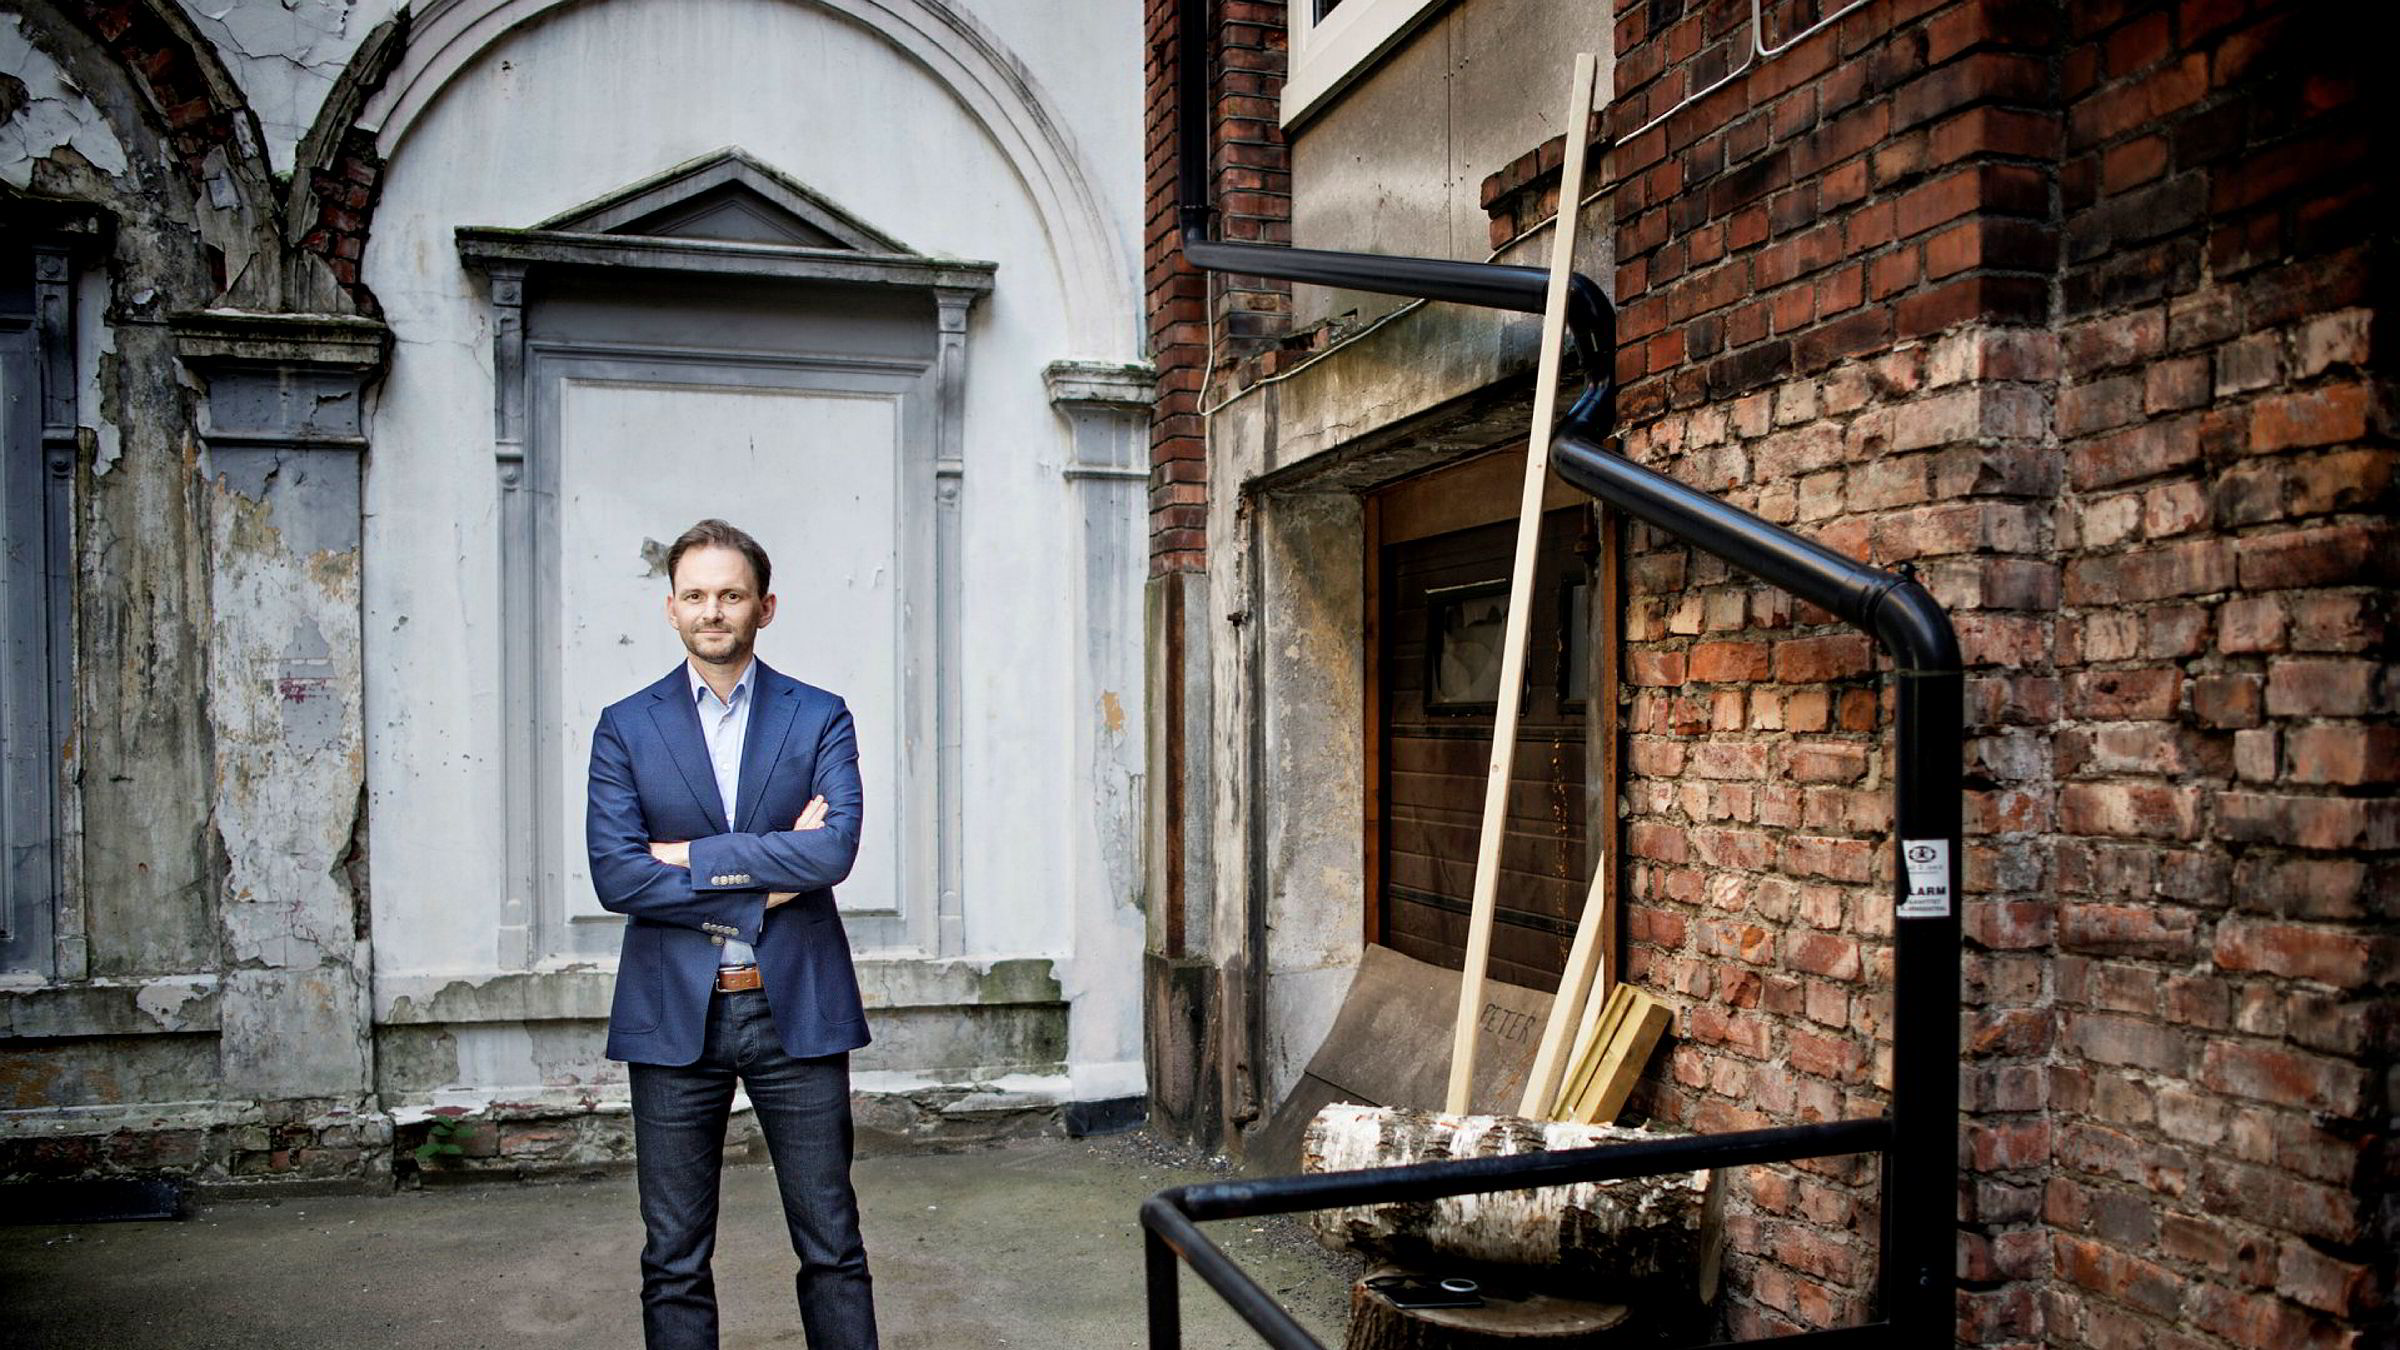 Konsernsjef John Tørres Thuv i Gyldendal trekker frem Arks 900.000 venner og 600.000 digitale lisenser i forlaget som en fremtidig nøkkel til inntekter.